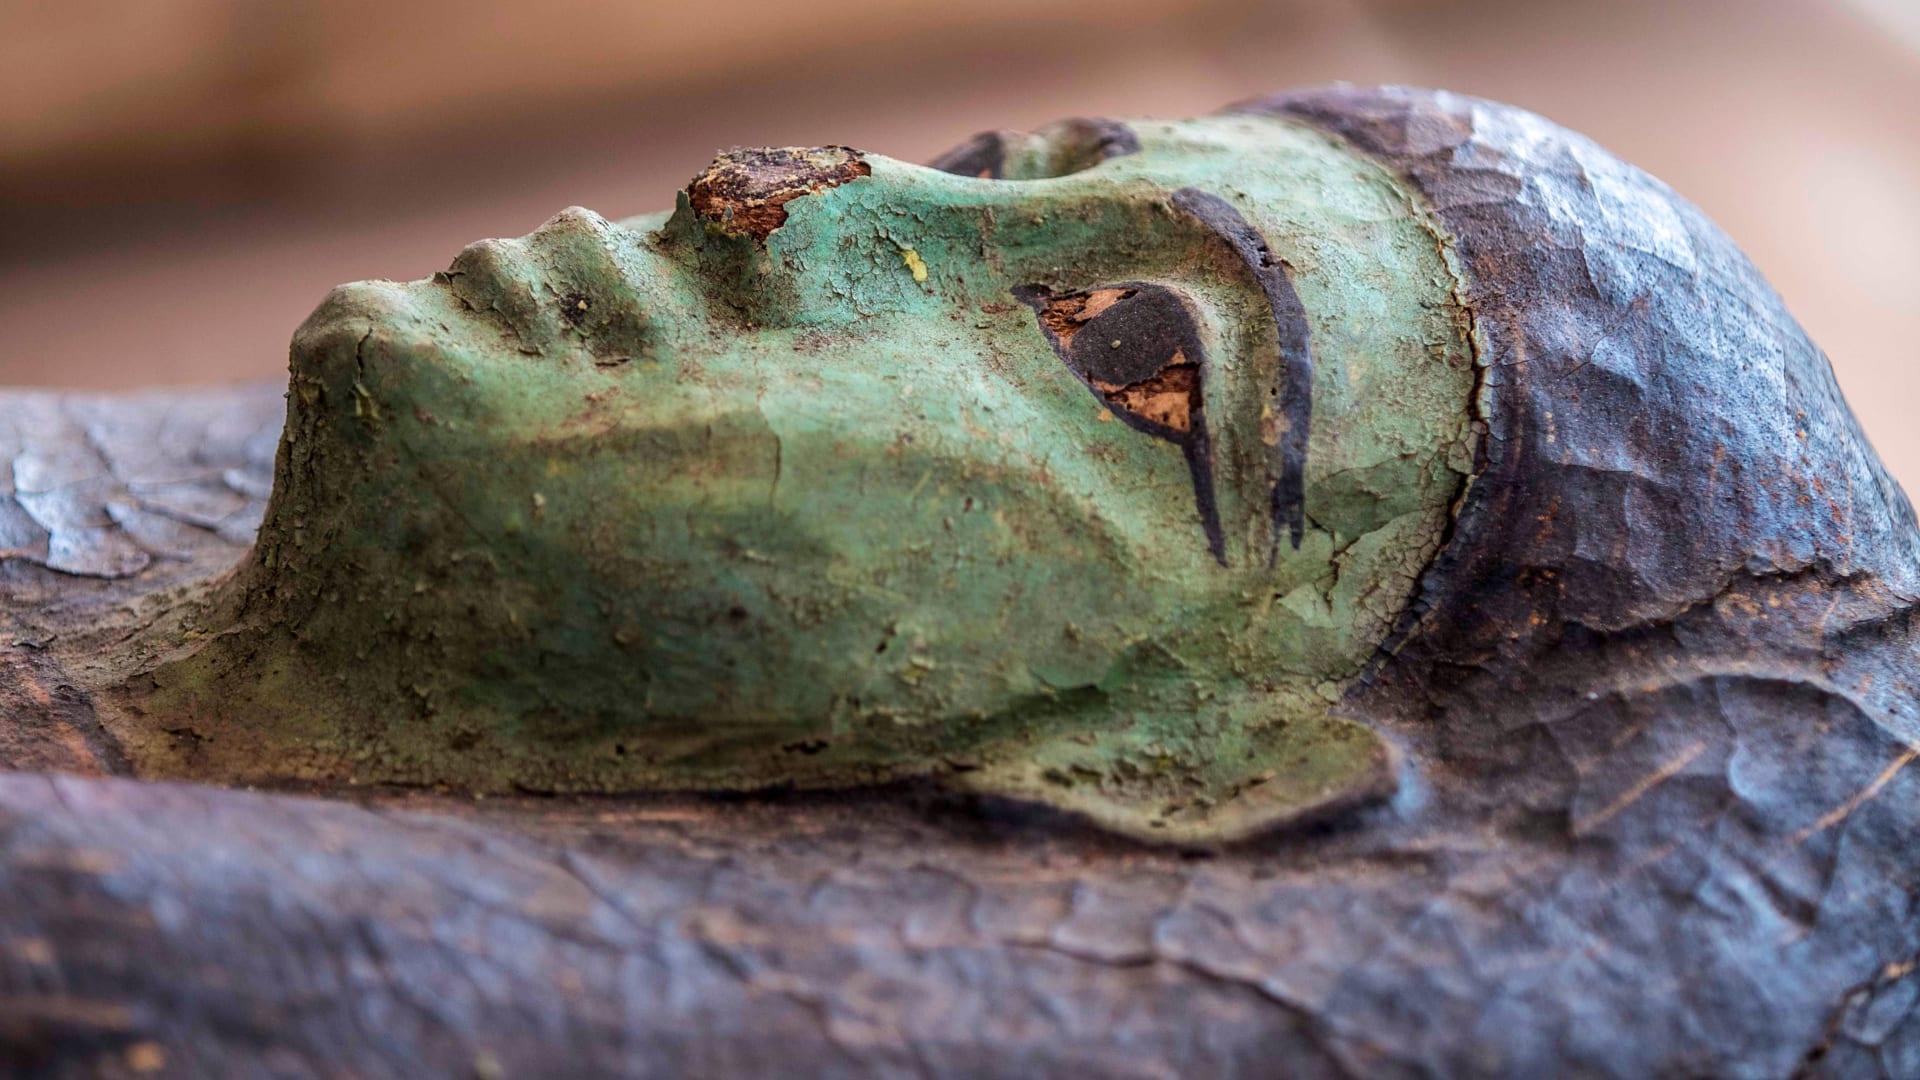 بـ 100 تابوت بشري مغلق منذ أكثر من 2500 عام.. مصر تعلن عن أكبر اكتشاف أثري لعام 2020